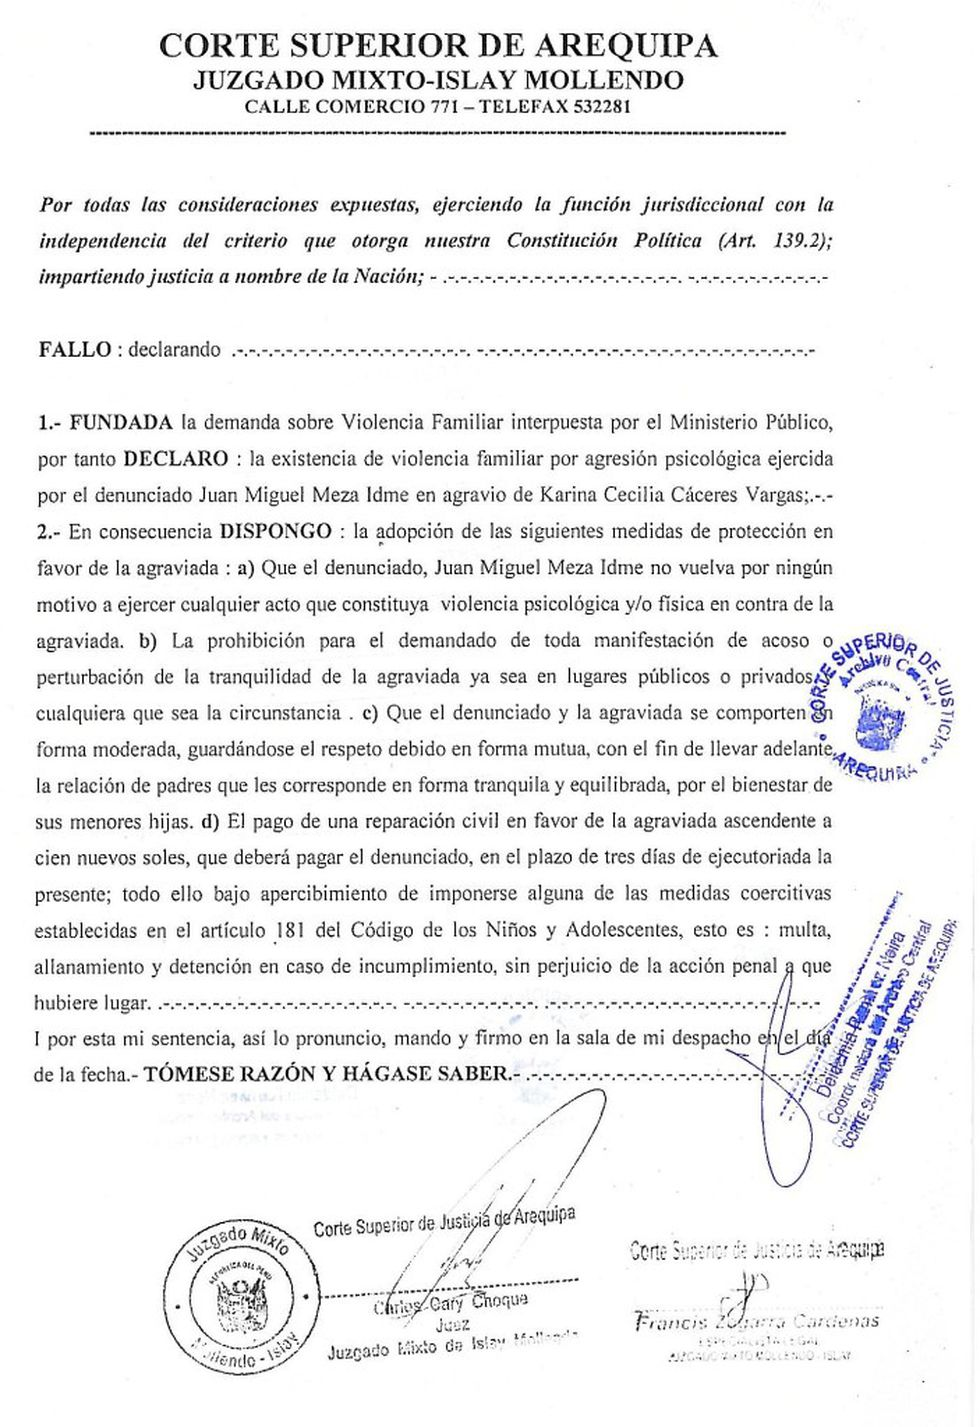 Sentencia contra Miguel Meza.